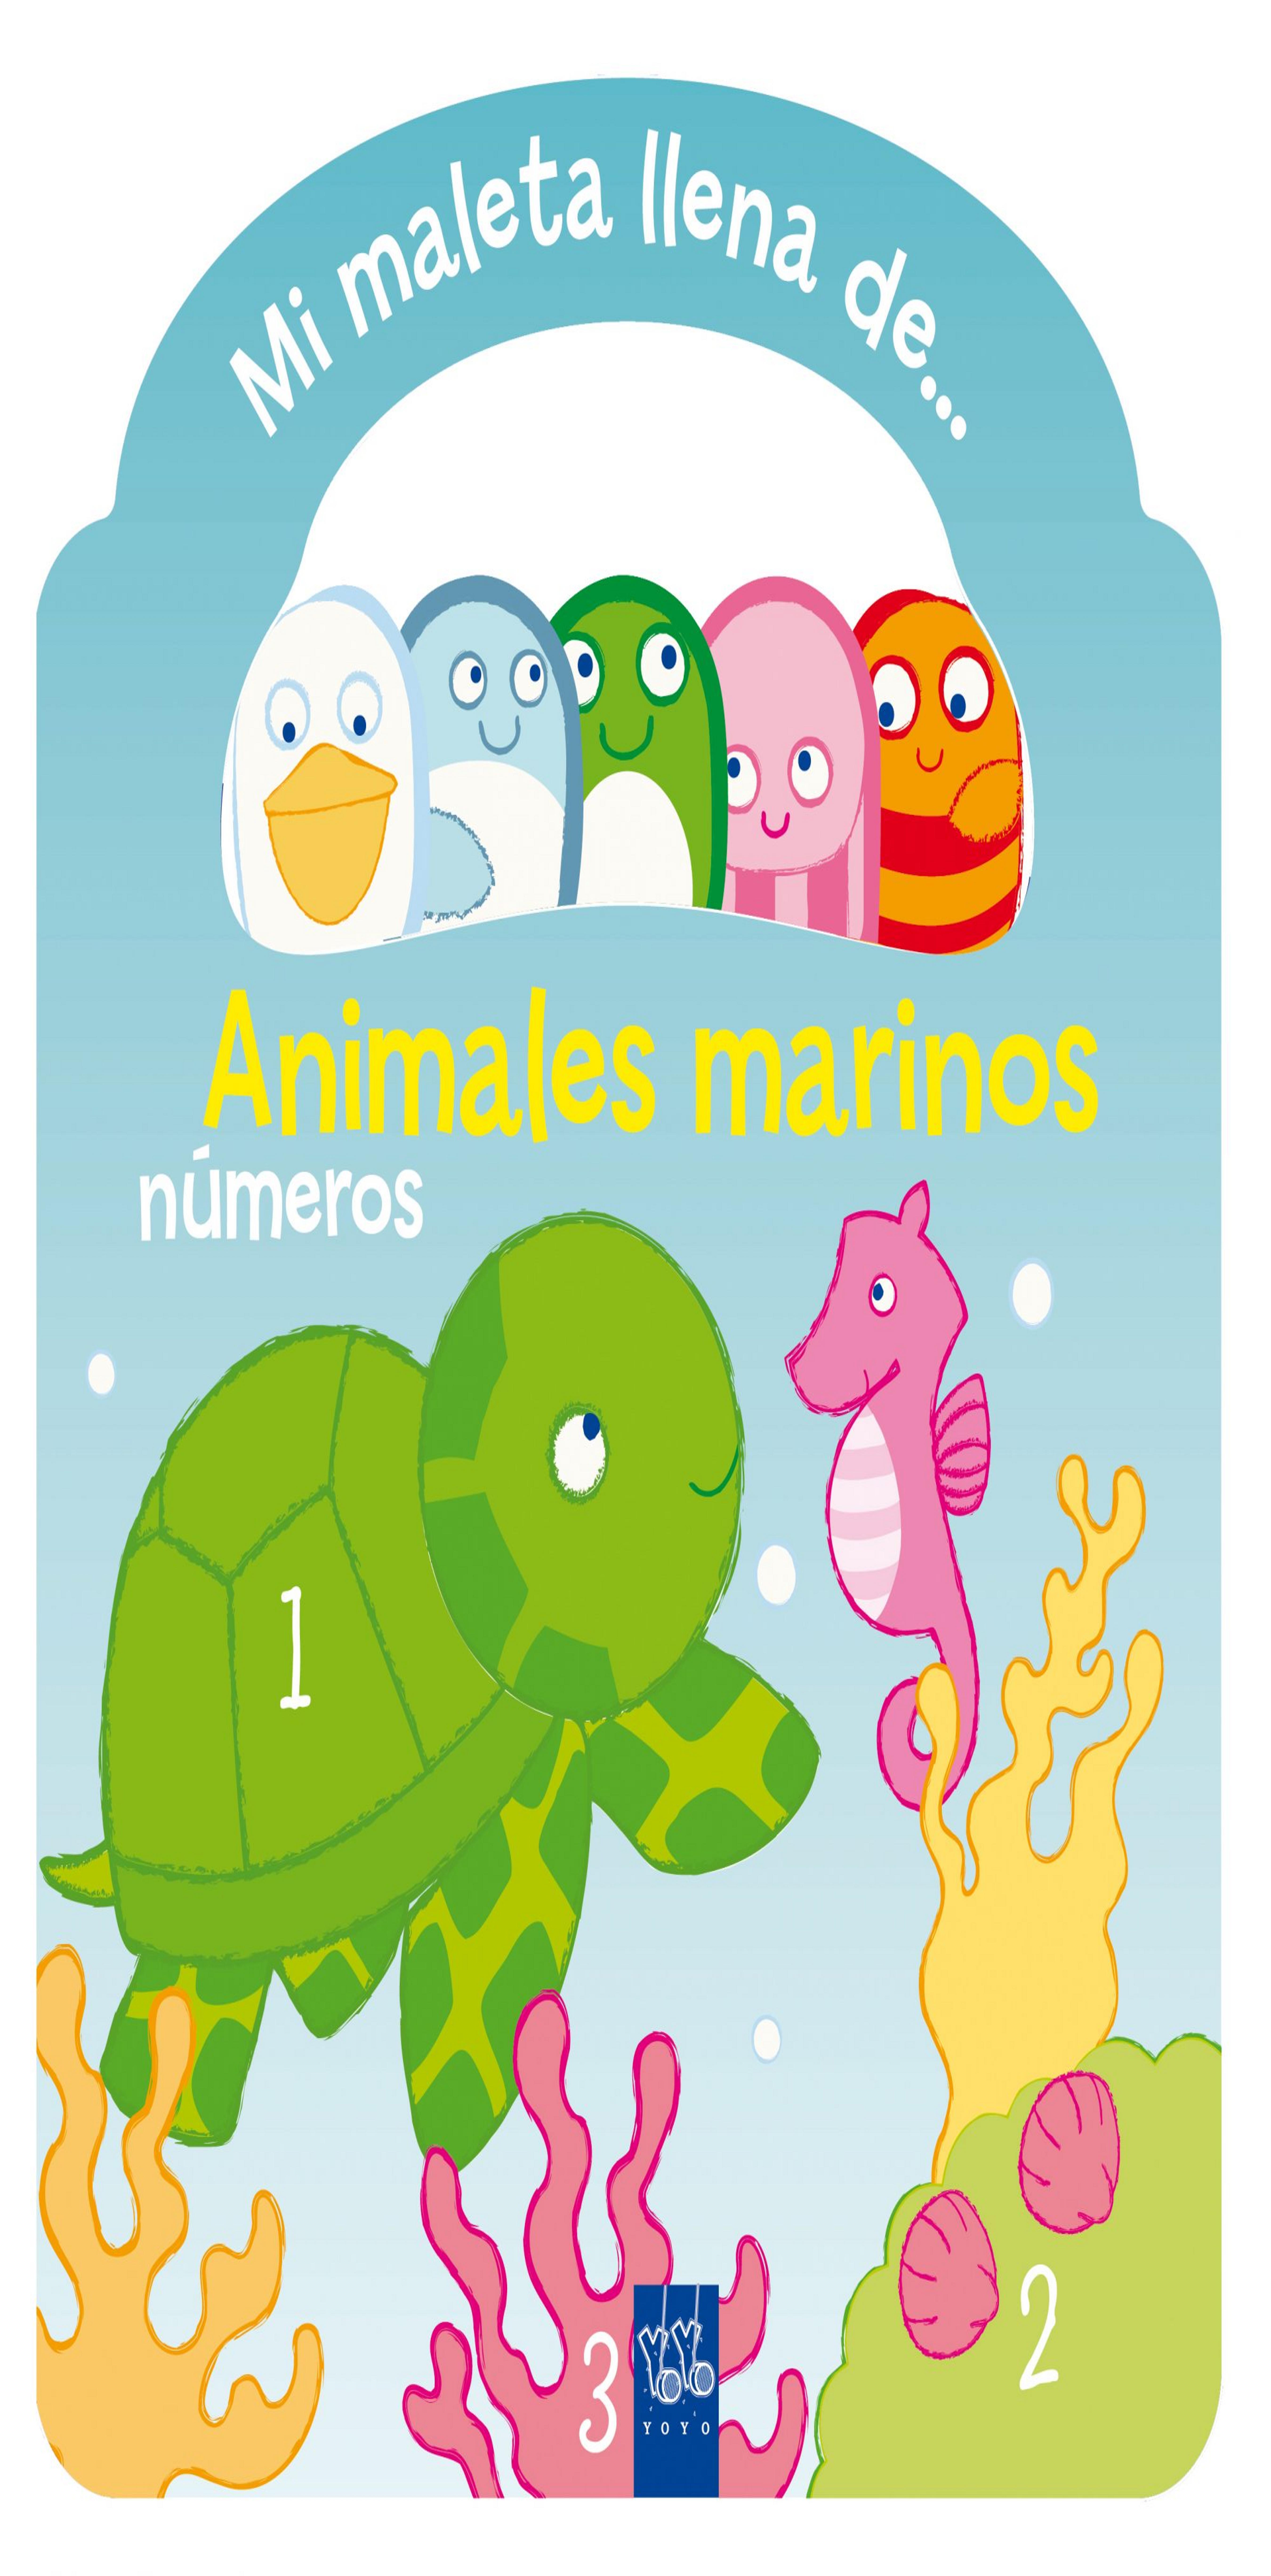 ANIMALES MARINOS: NÚMEROS - Mi Maleta Llena de...